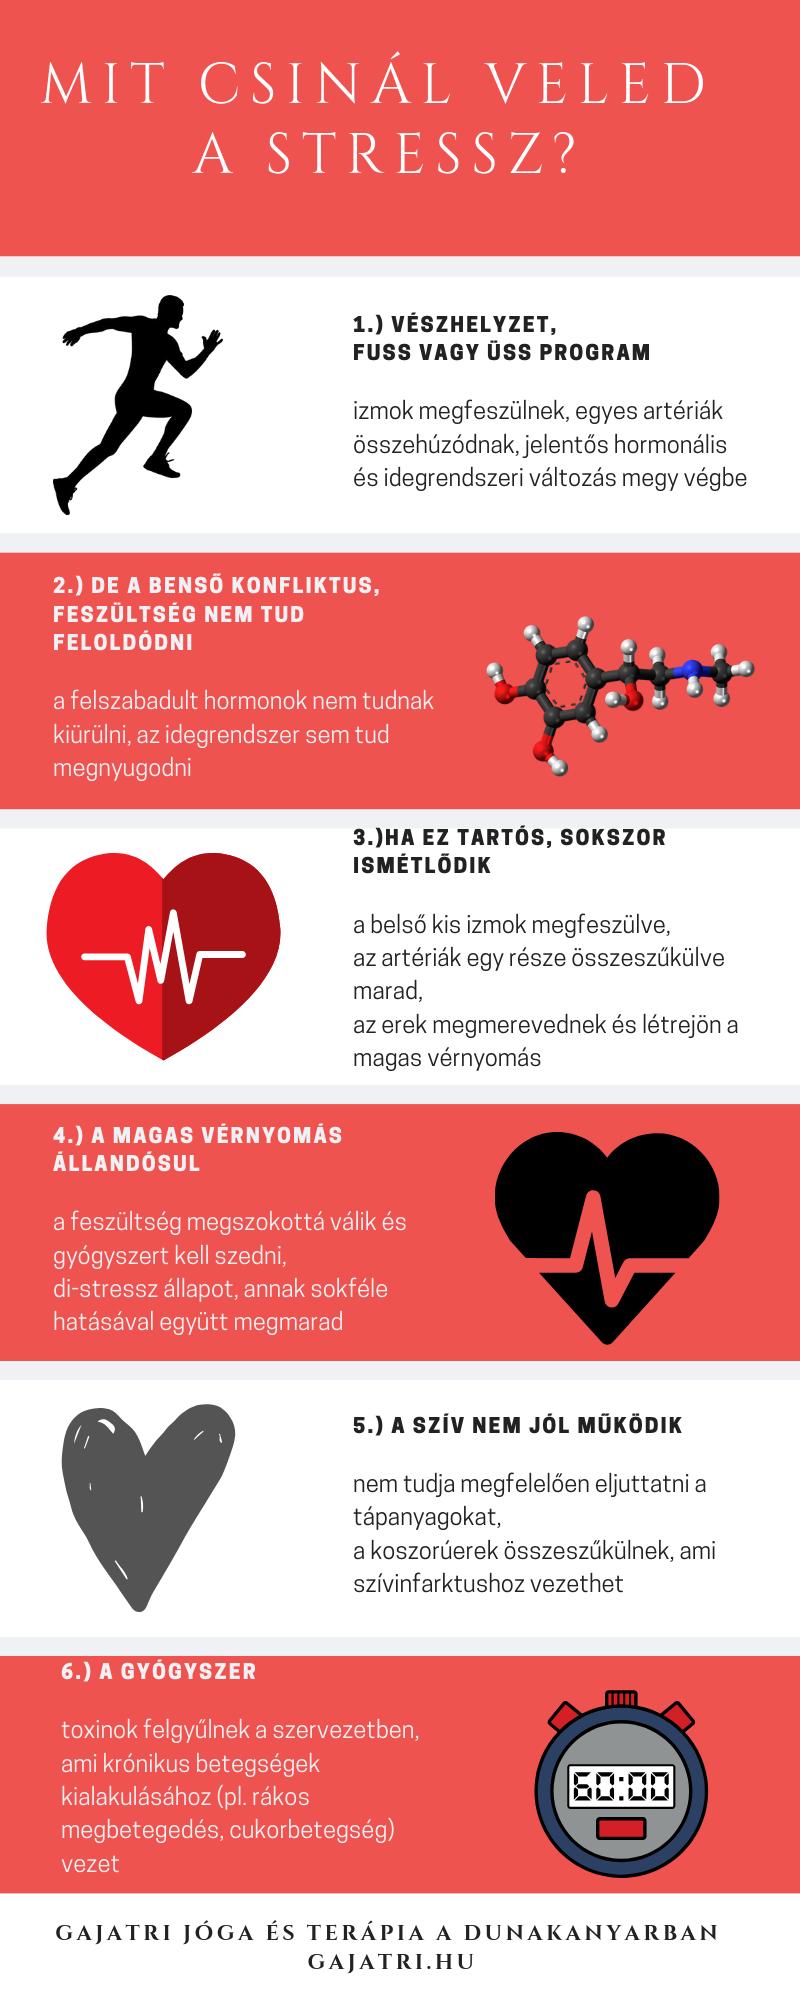 magas vérnyomás és a szeretet)